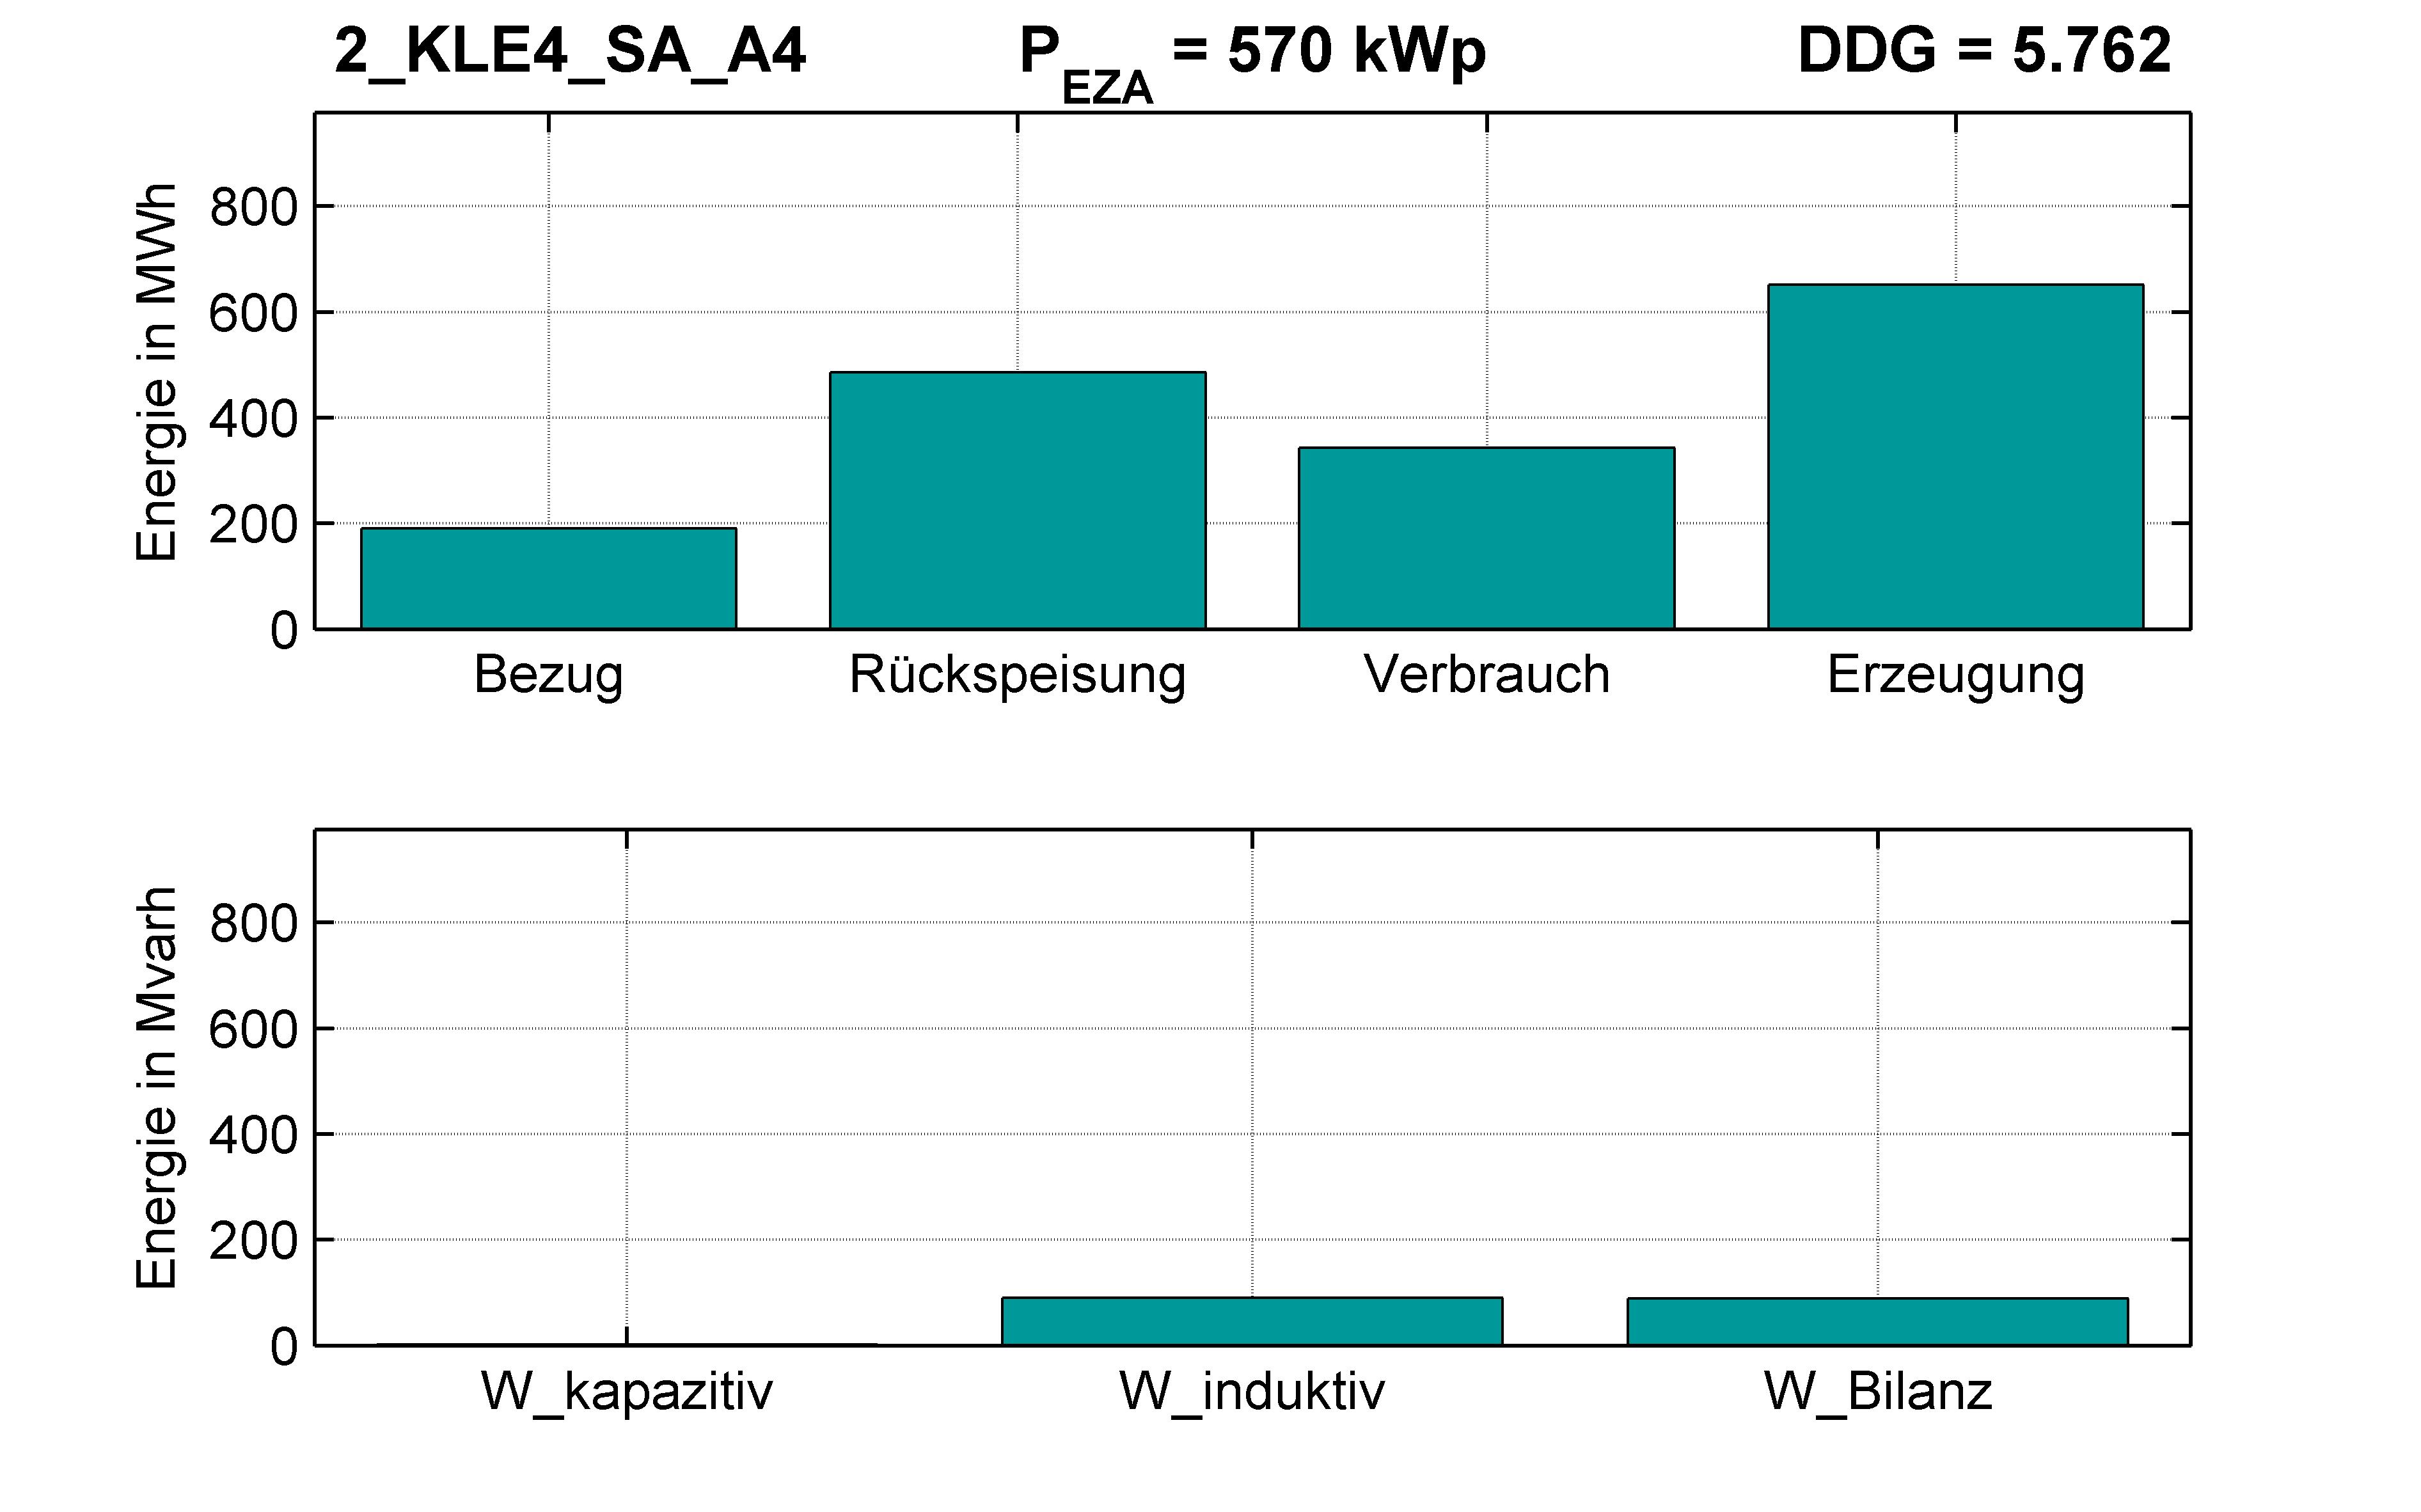 KLE4 | P-Kappung 85% (SA) A4 | PQ-Bilanz